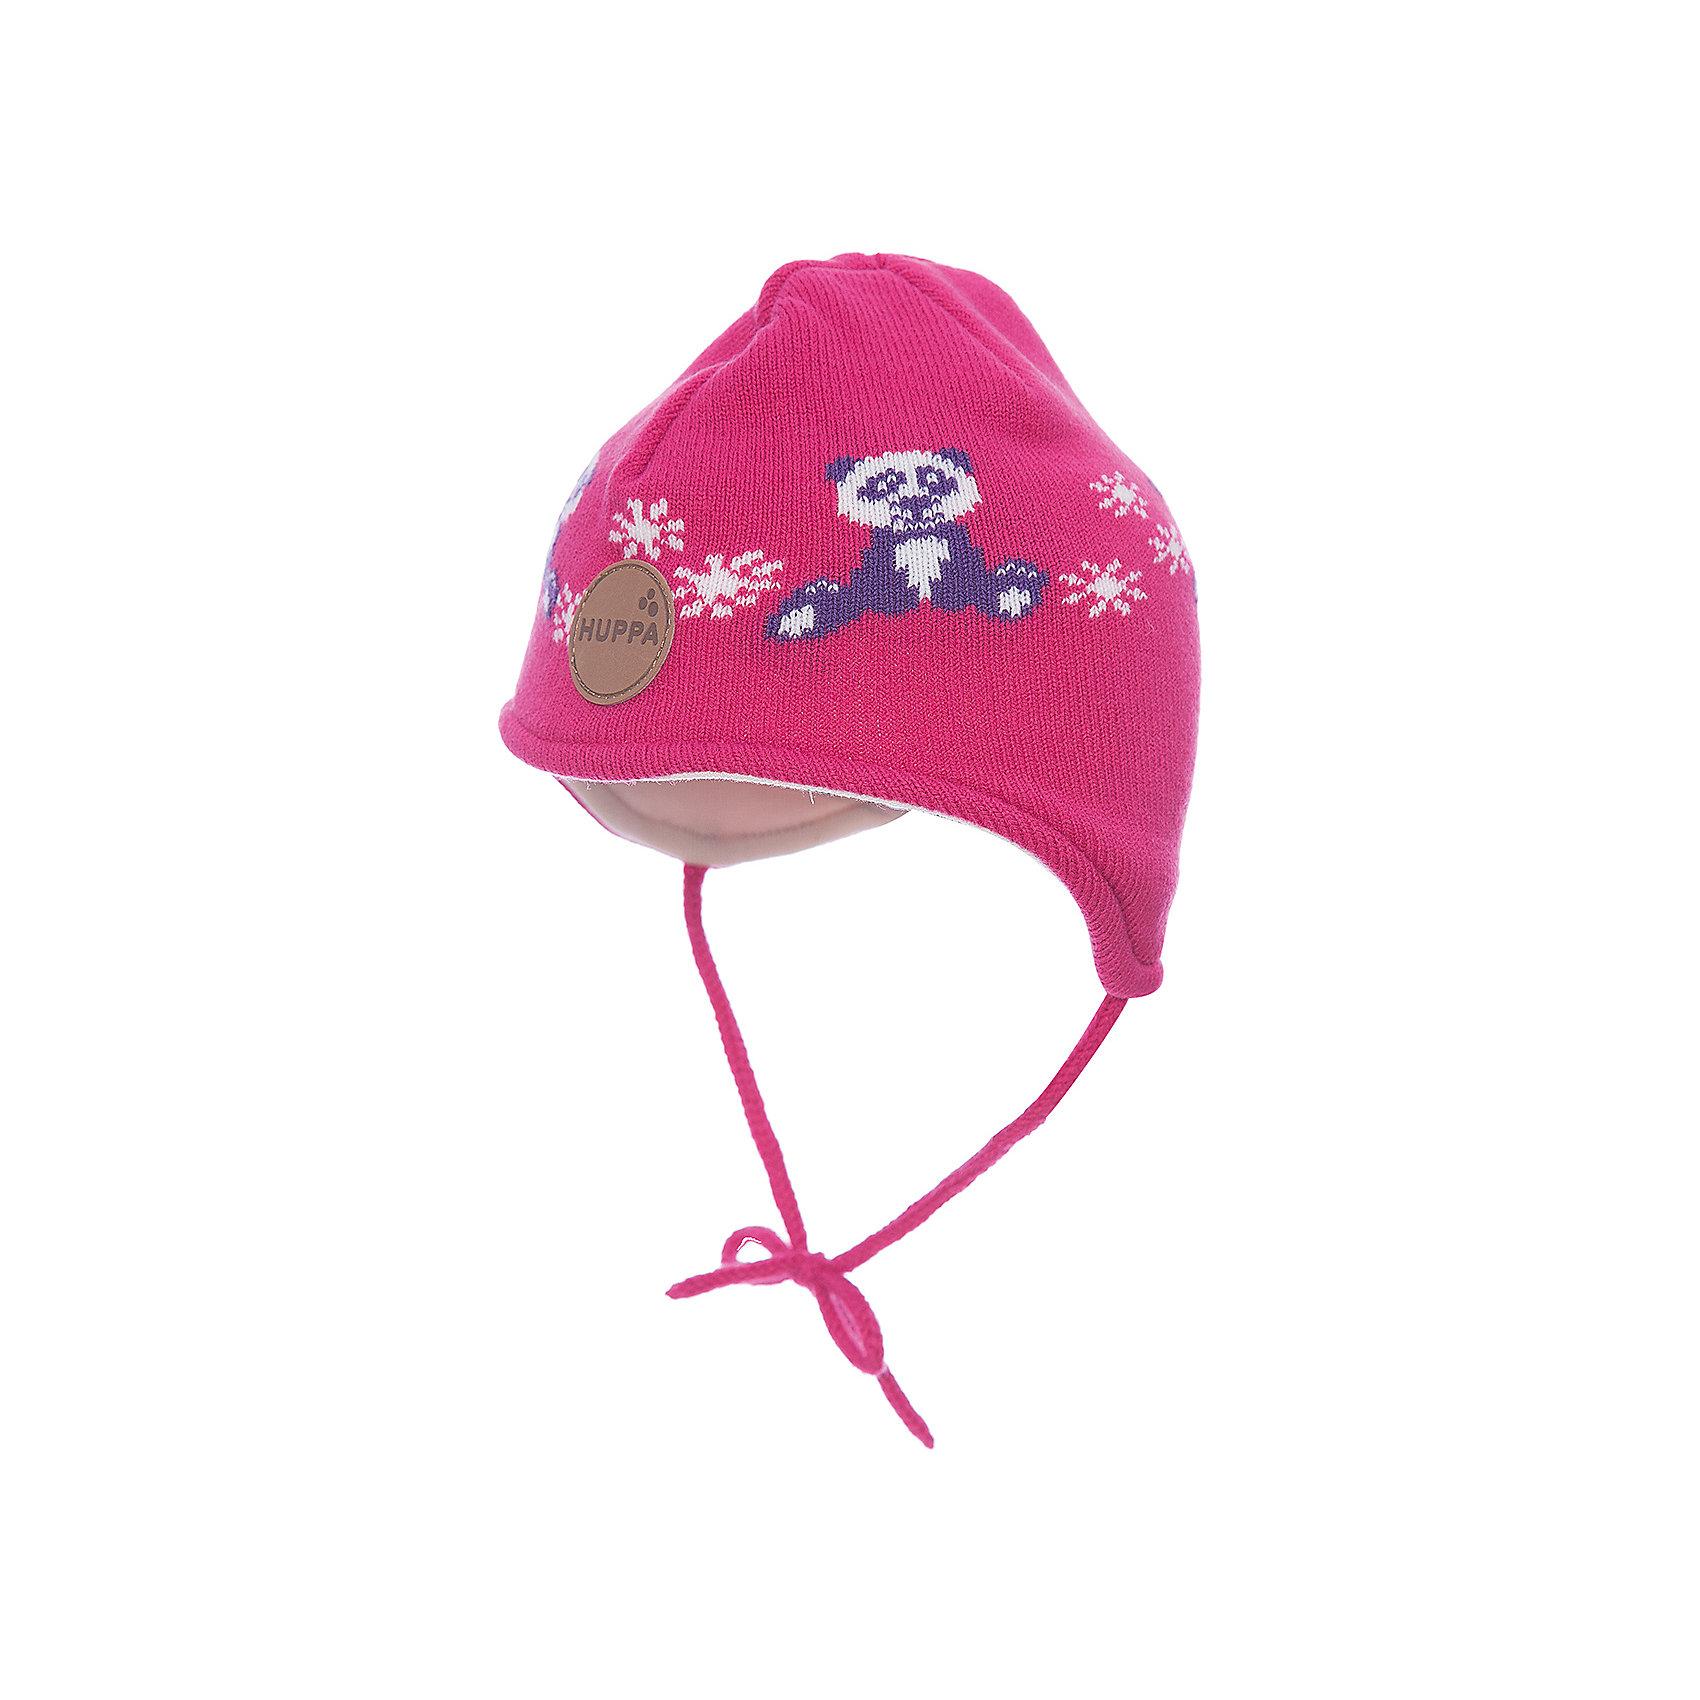 Шапка Huppa Karro 1Головные уборы<br>Характеристики товара:<br><br>• модель: Karro 1;<br>• цвет: розовый:<br>• состав: шапка: 100% акрил; <br>• подкладка: 100% хлопок:<br>• утеплитель: 40 г/м2;<br>• сезон: зима<br>• температурный режим: от 0°С до -20°С;<br>• шапка на завязках;<br>• особенности: вязаная;<br>• страна бренда: Финляндия;<br>• страна изготовитель: Эстония.<br><br>Вязаная детская шапка Karro 1. Теплая вязанная шапочка, прекрасно подойдет для повседневных прогулок в холодную погоду. Шапка на мягкий завязках, не травмирующих нежную кожу.<br><br>Шапку Huppa Karro 1 (Хуппа) можно купить в нашем интернет-магазине.<br><br>Ширина мм: 89<br>Глубина мм: 117<br>Высота мм: 44<br>Вес г: 155<br>Цвет: фуксия<br>Возраст от месяцев: 3<br>Возраст до месяцев: 12<br>Пол: Унисекс<br>Возраст: Детский<br>Размер: 43-45,51-53,47-49<br>SKU: 7029432